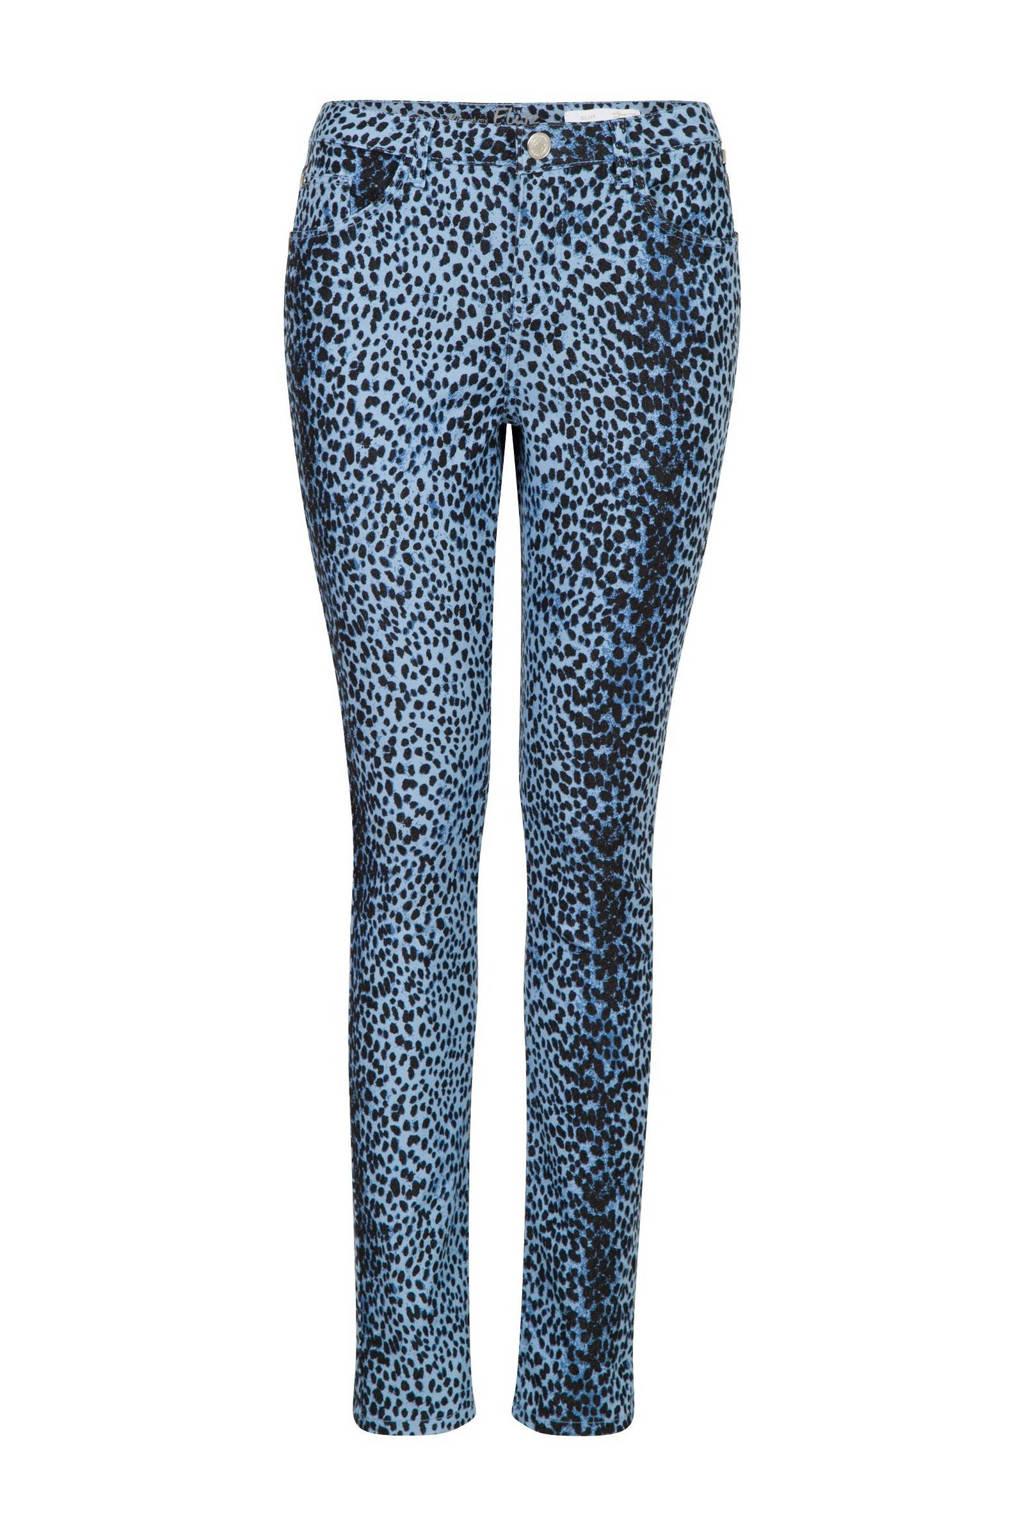 Miss Etam Regulier skinny broek met dierenprint blauw, Blauw